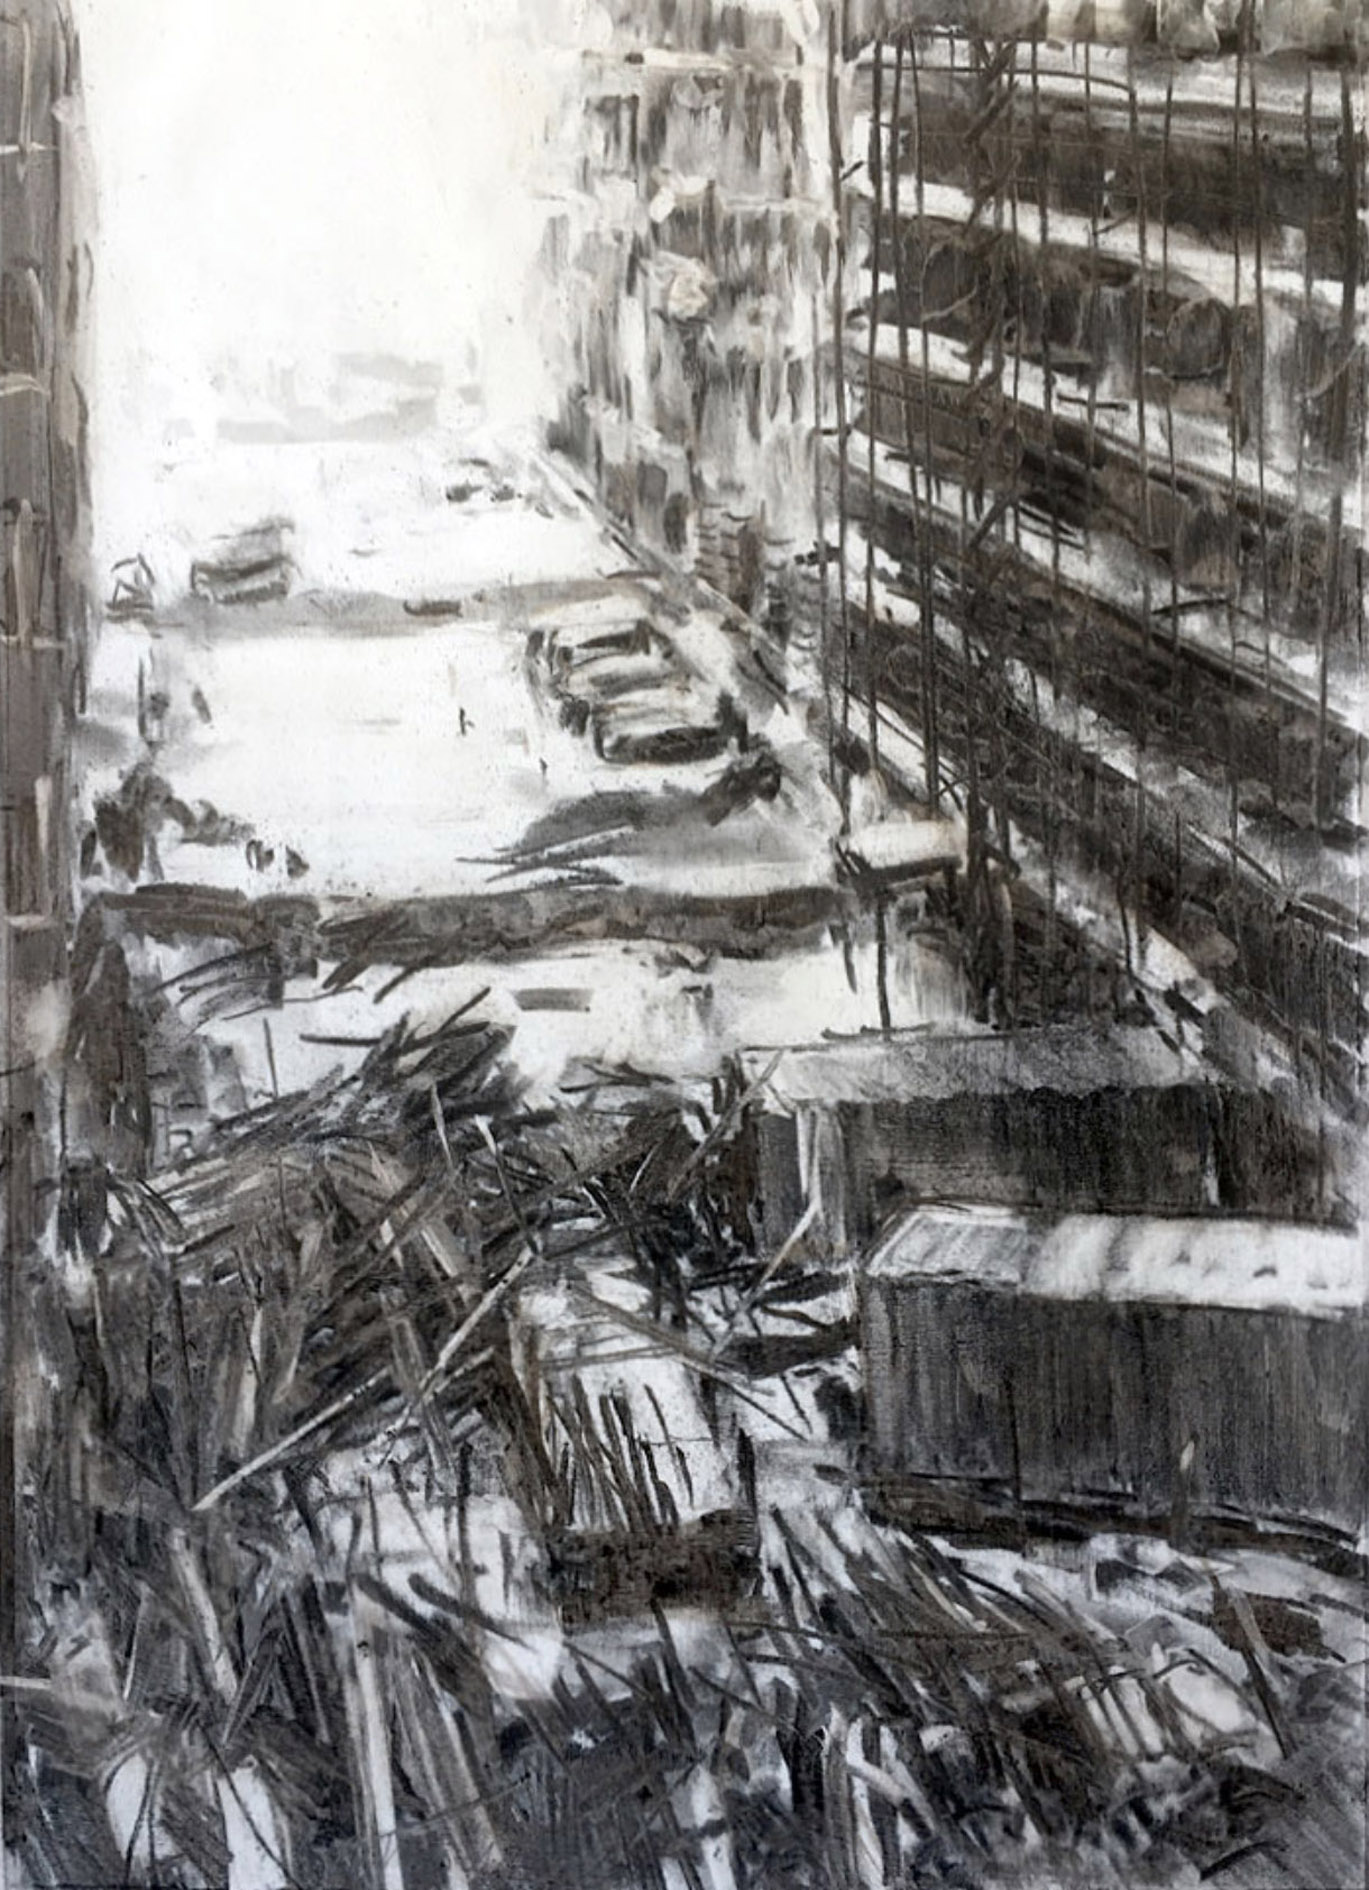 """Ommo Wille, """"Mainzer Straße 1990"""", 2021, Kohlezeichnung, 29 x 41 cm"""